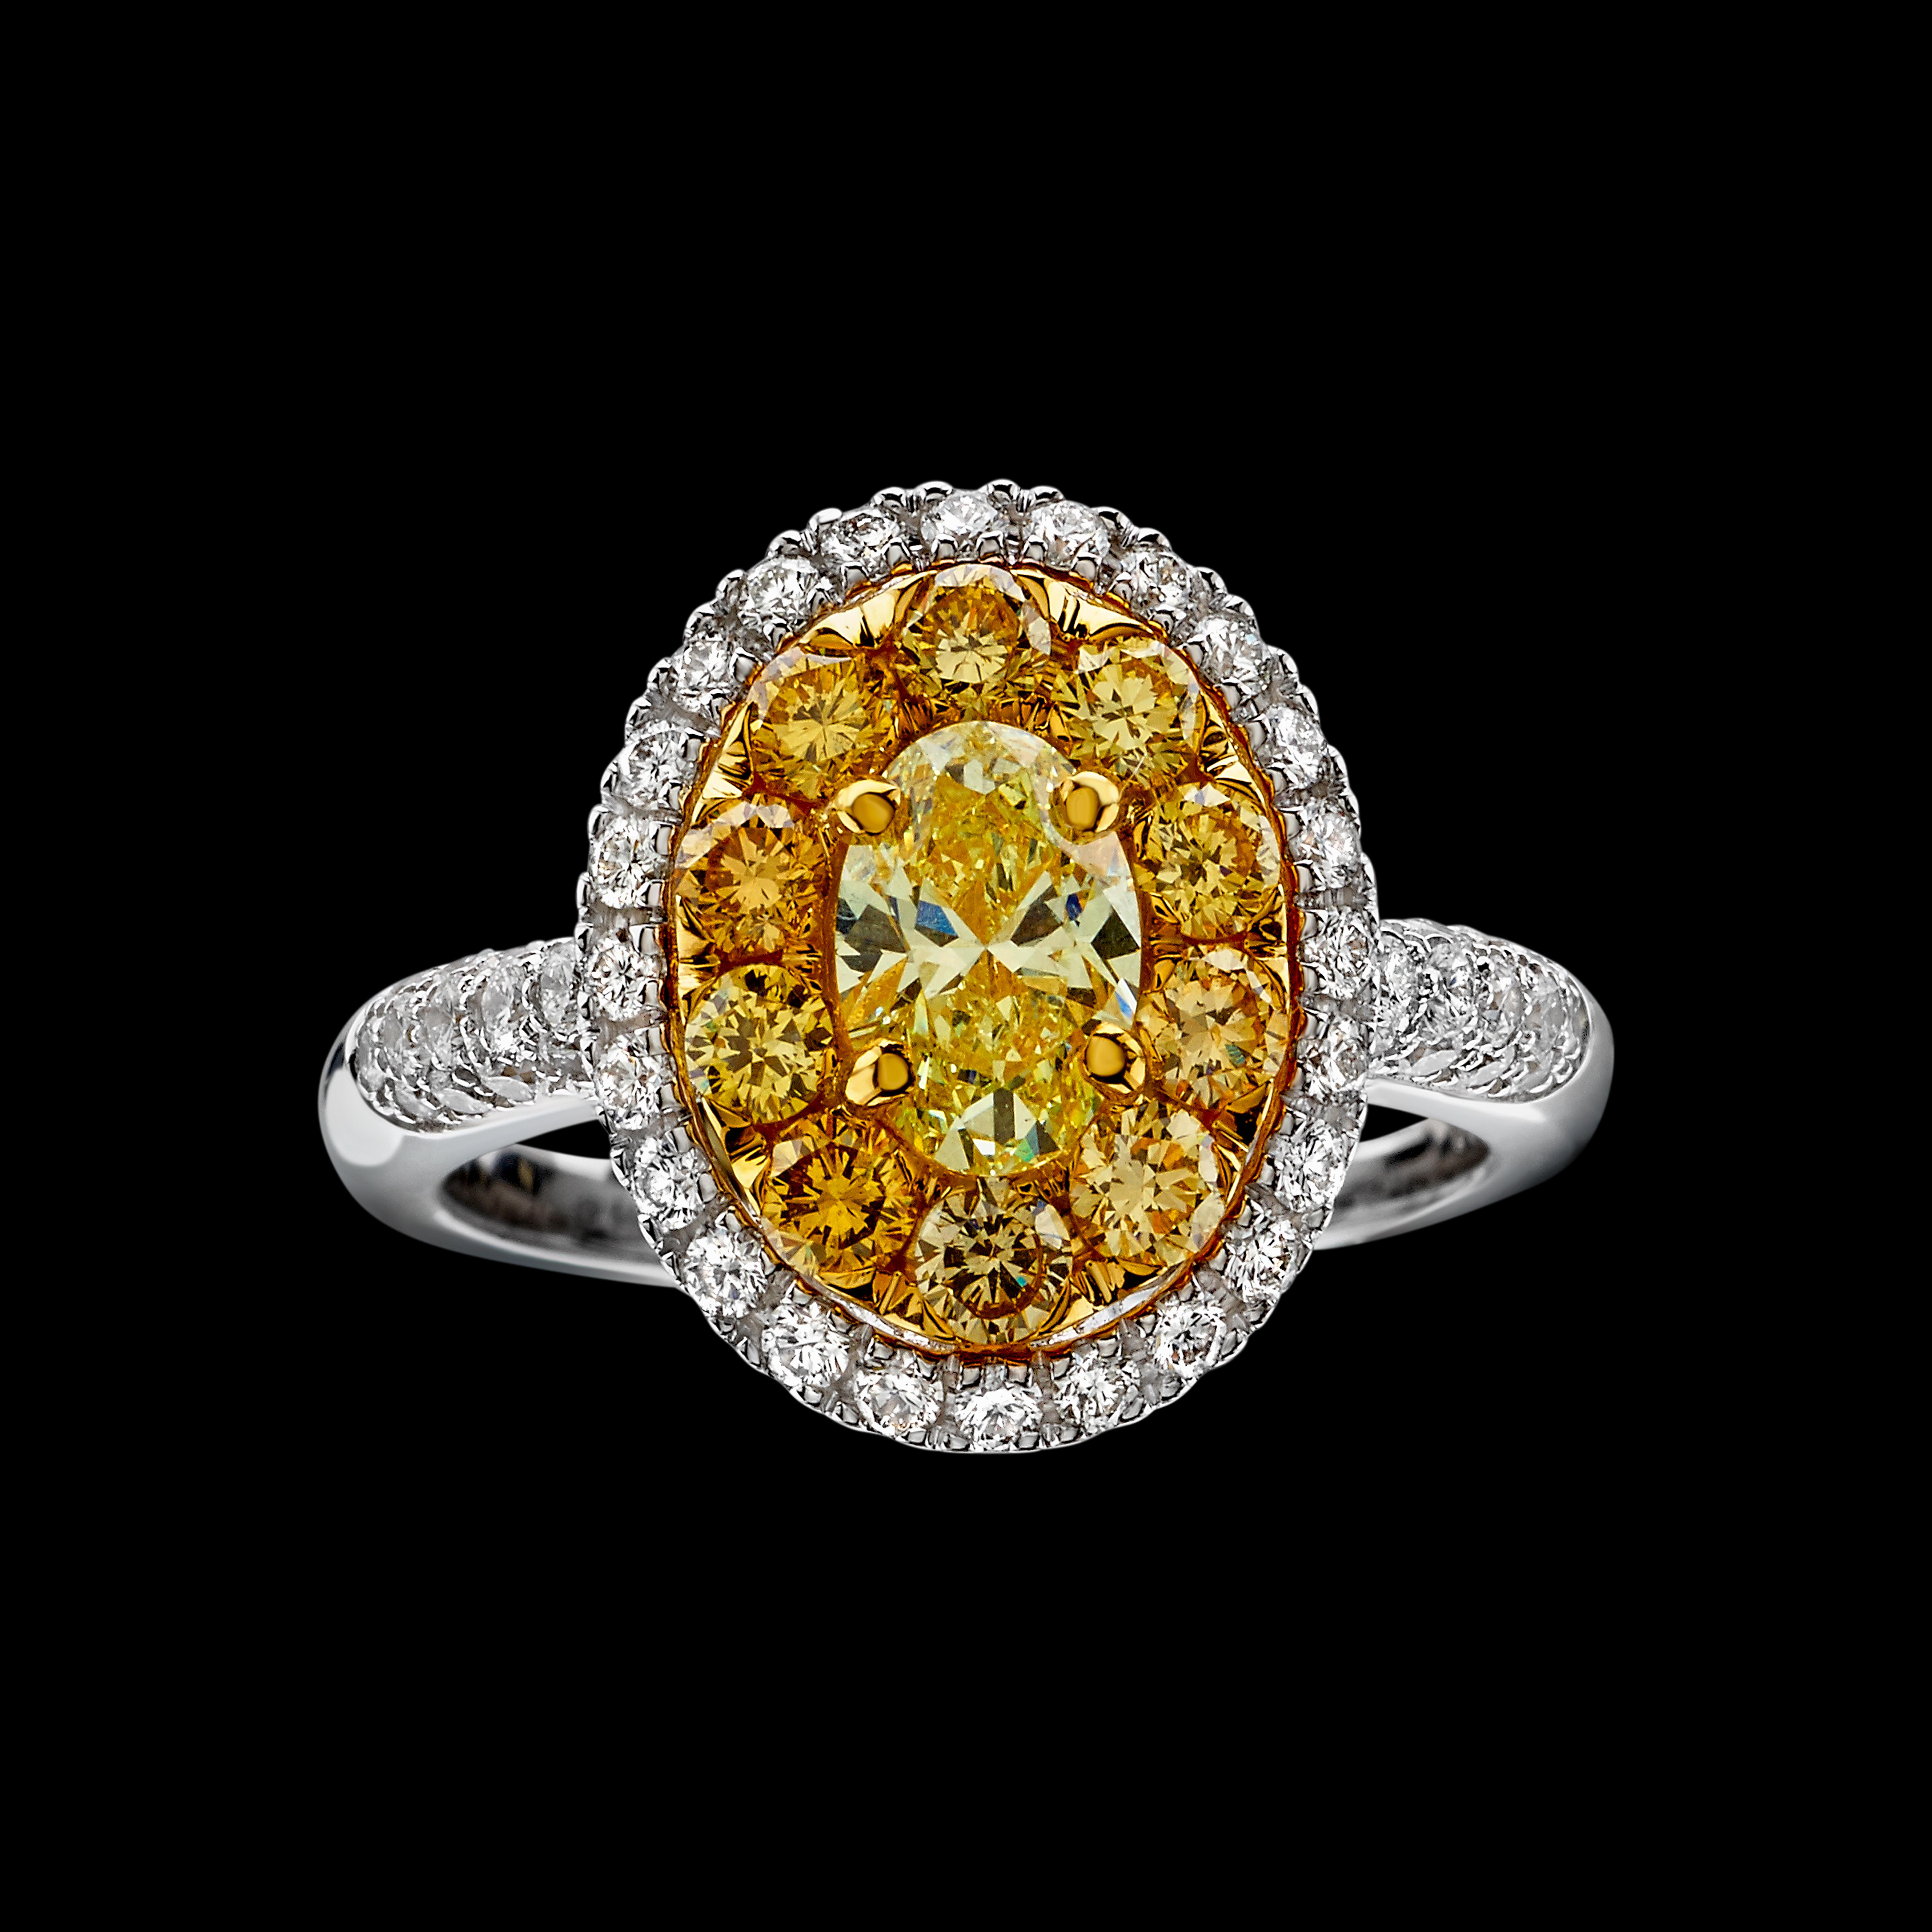 massimo raiteri anello diamanti gialli fanti yellow diamonds ring